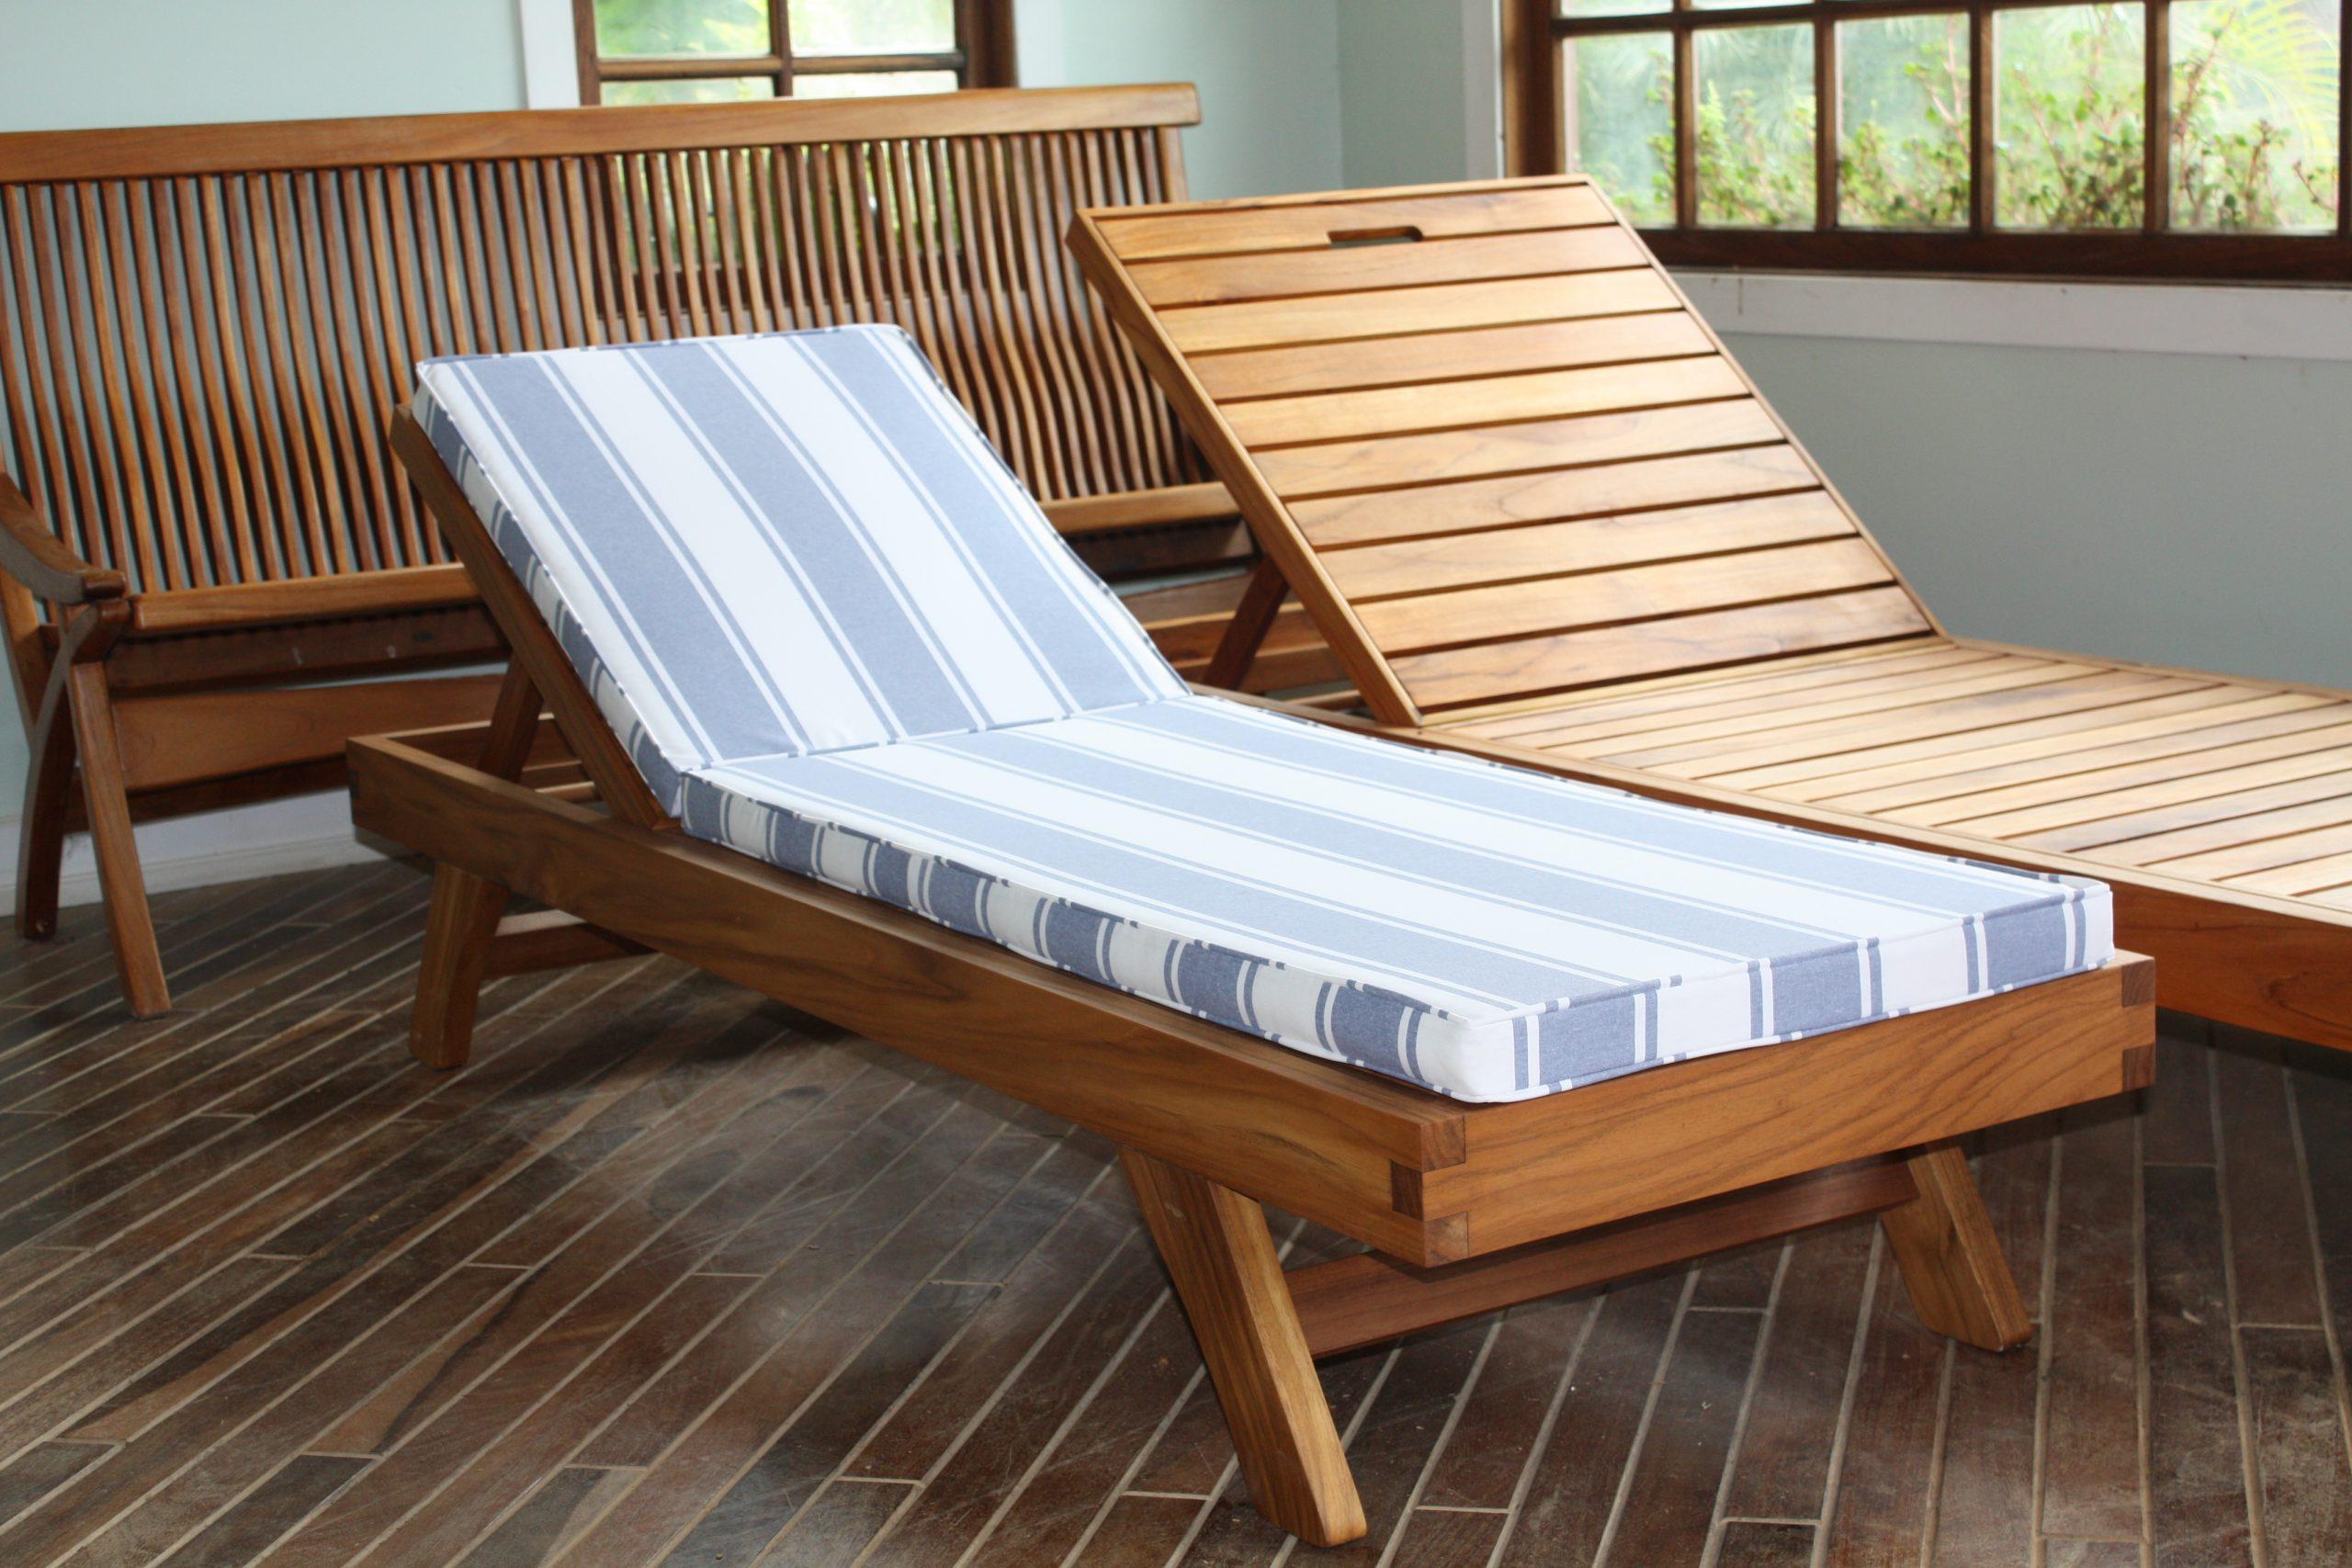 Full Size of Liege Liegestuhl Teakholz Garten Kleinanzeigennet Ikea Sofa Mit Schlaffunktion Modulküche Küche Kosten Betten 160x200 Miniküche Bei Kaufen Wohnzimmer Liegestuhl Ikea